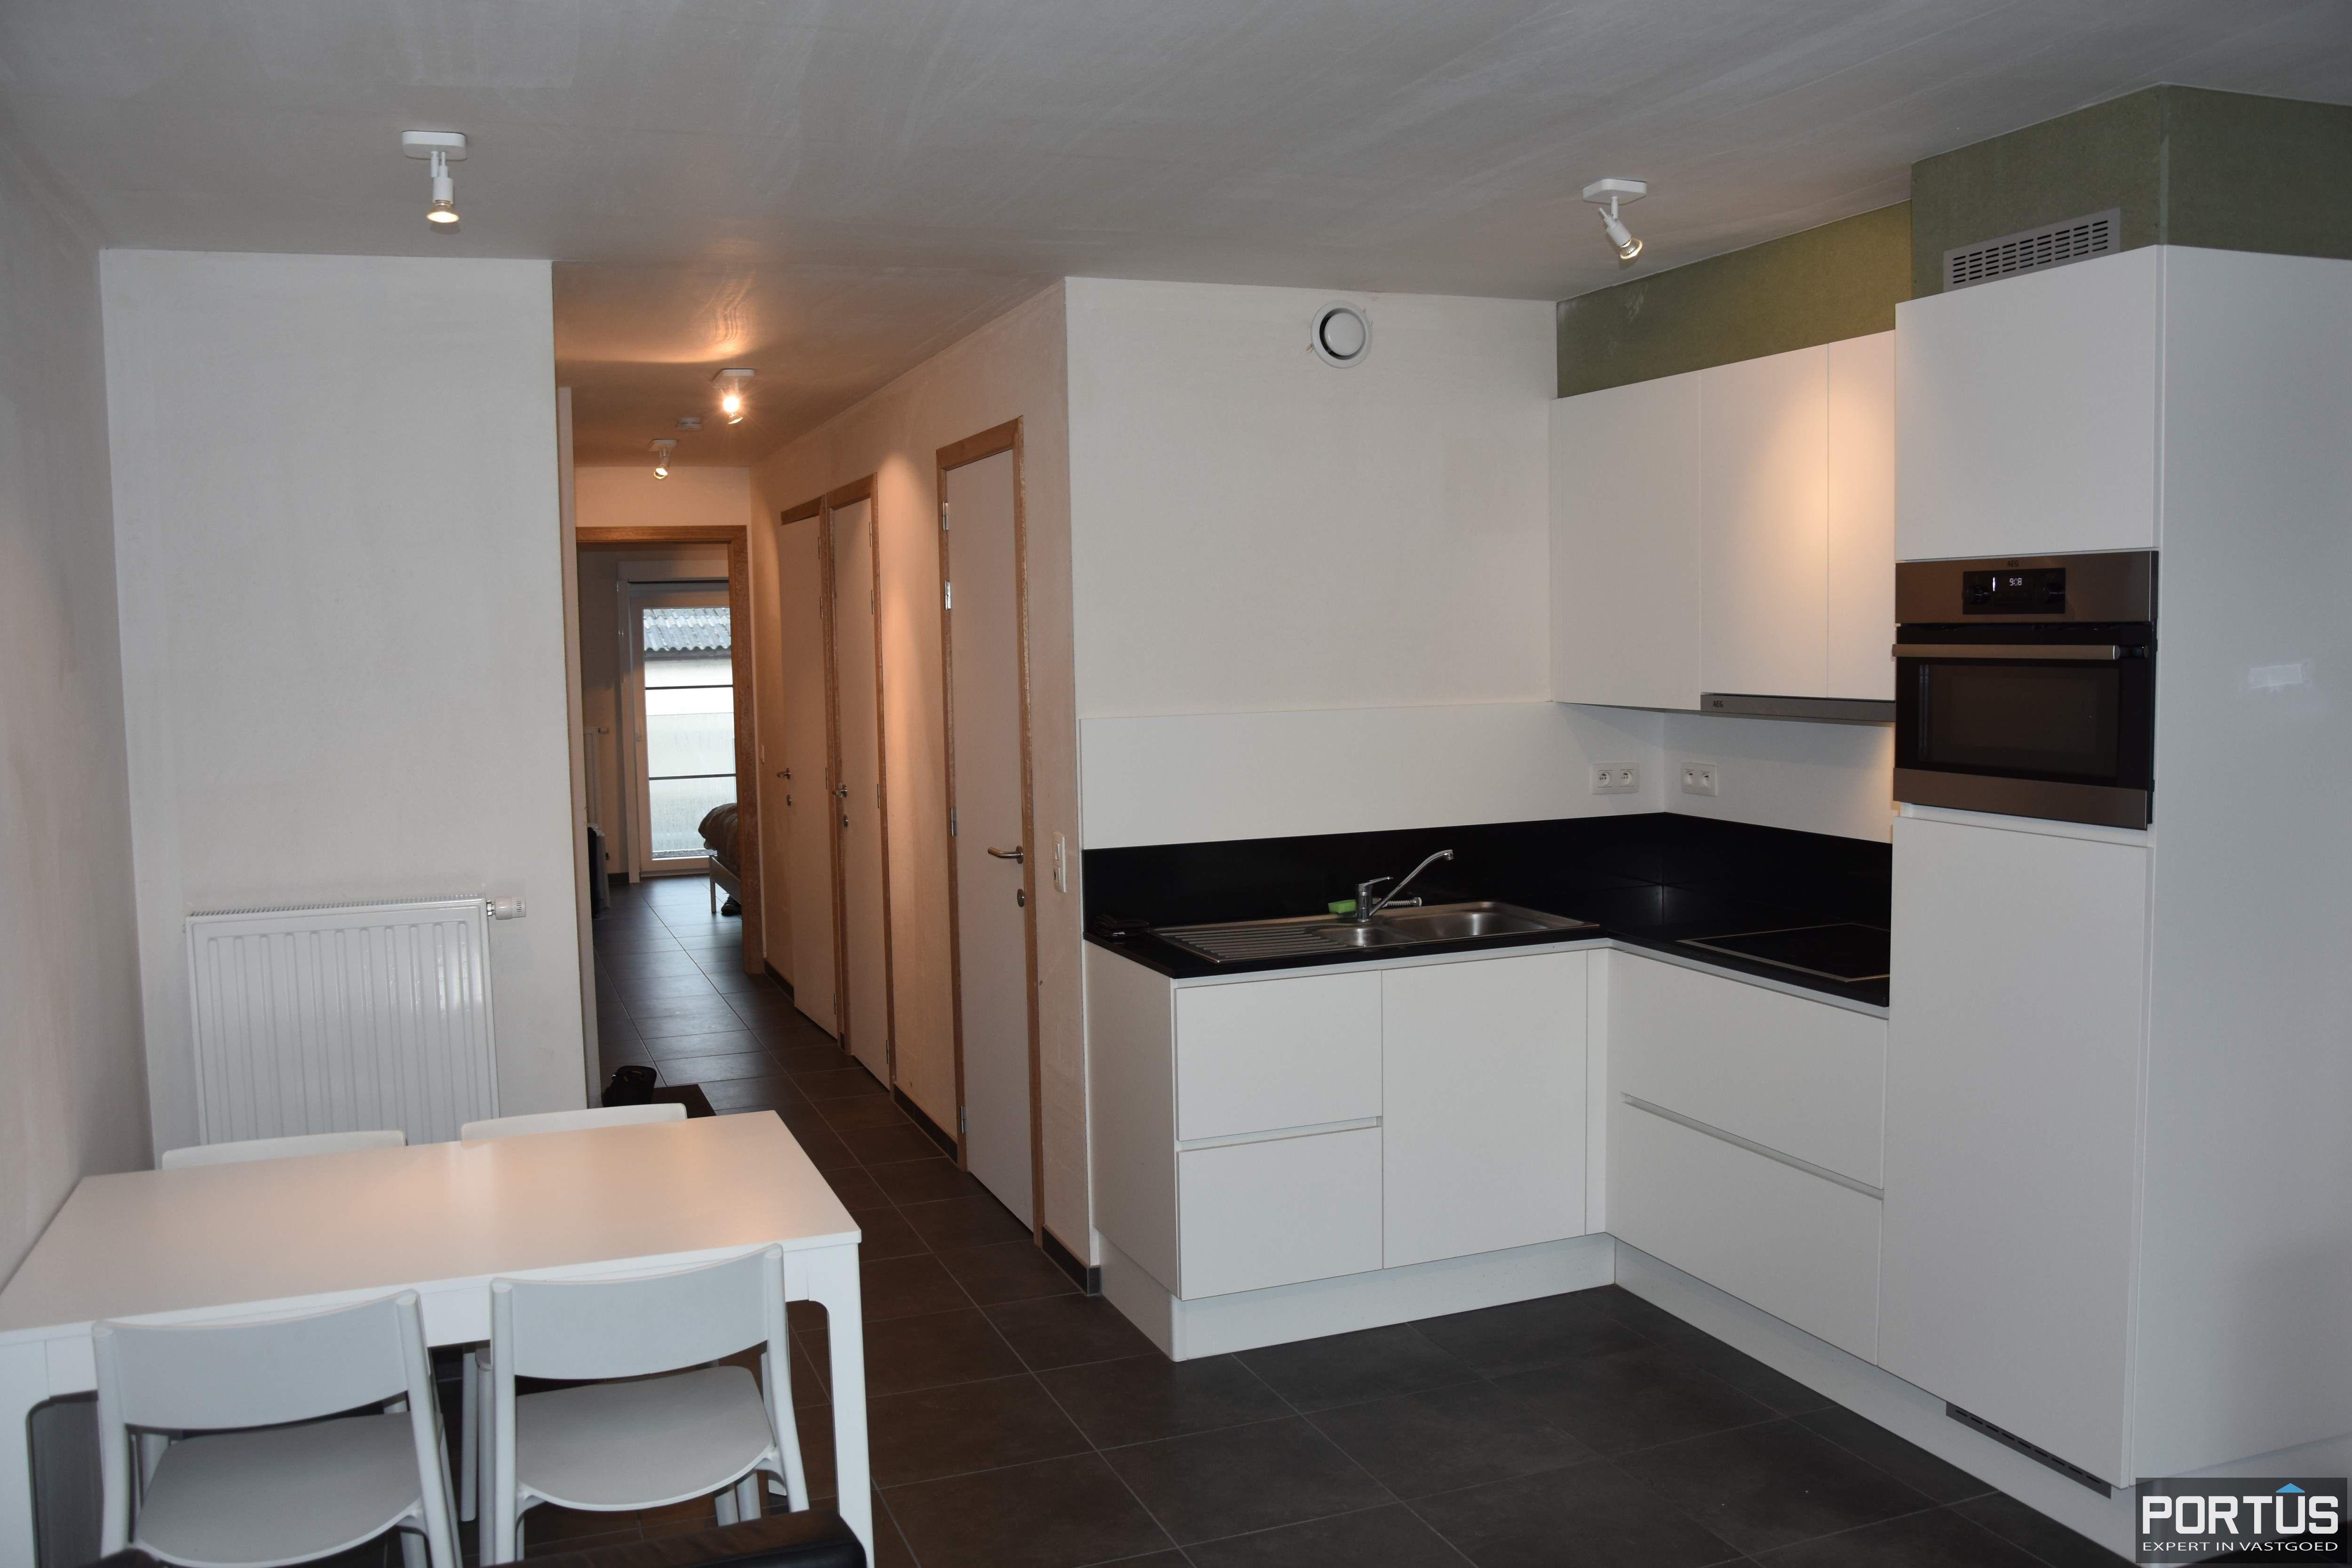 Appartement met 1 slaapkamer te huur te Lombardsijde - 13479